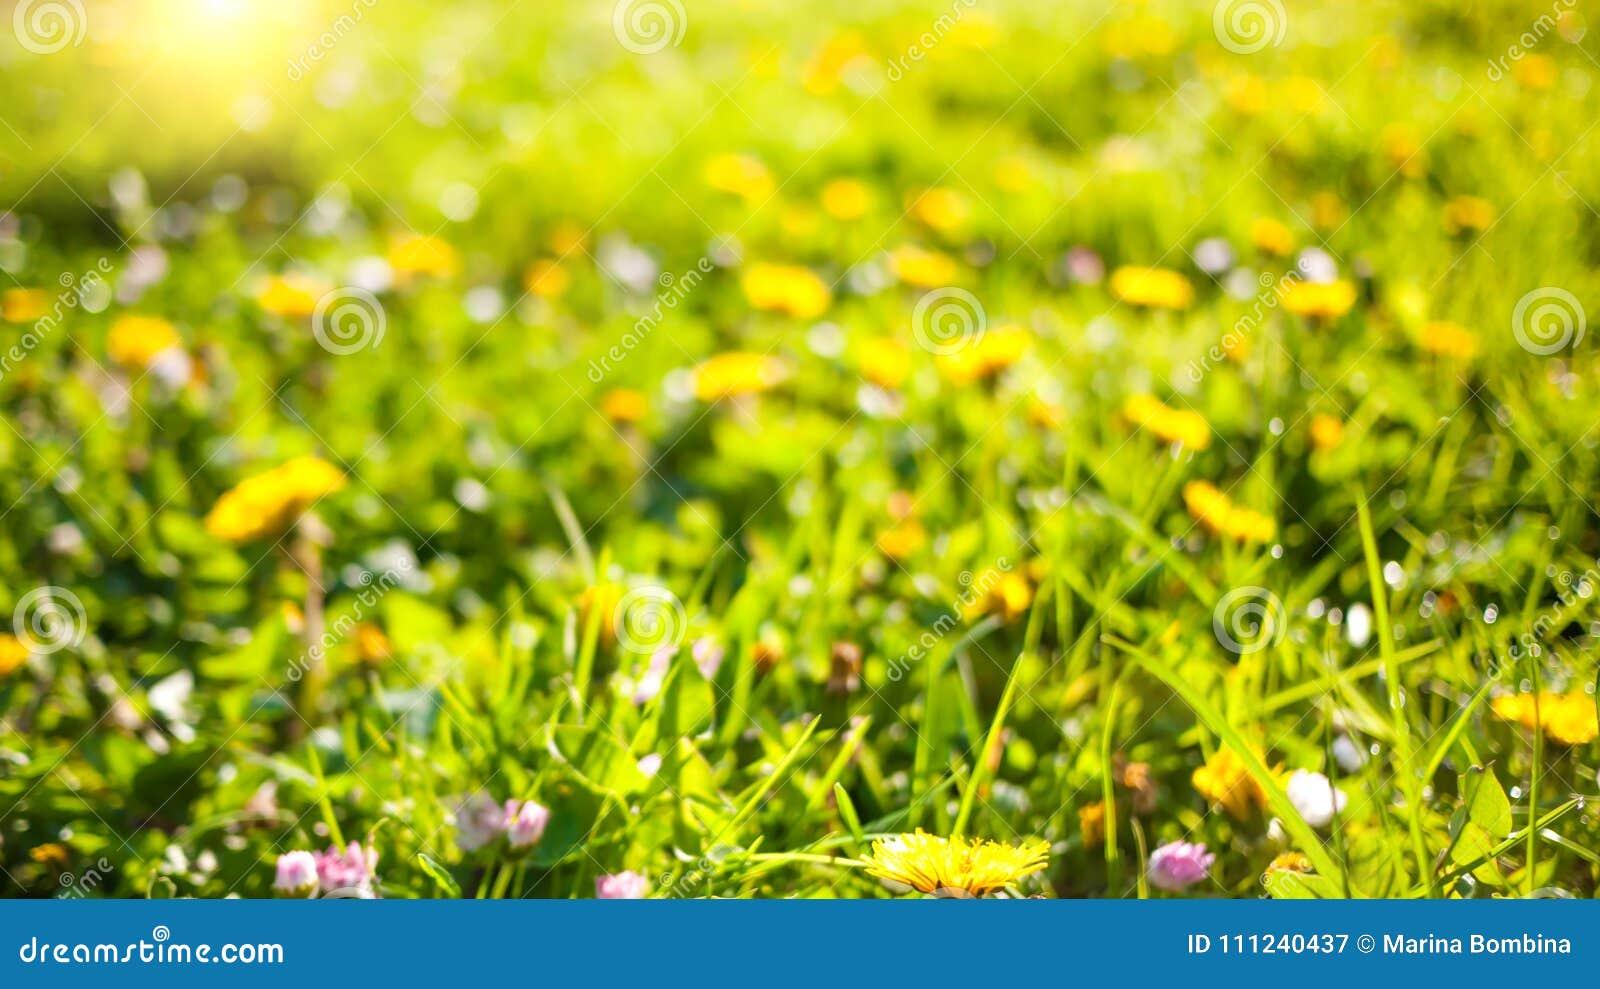 Wiosny natury tło z dandelions w zielonej trawie